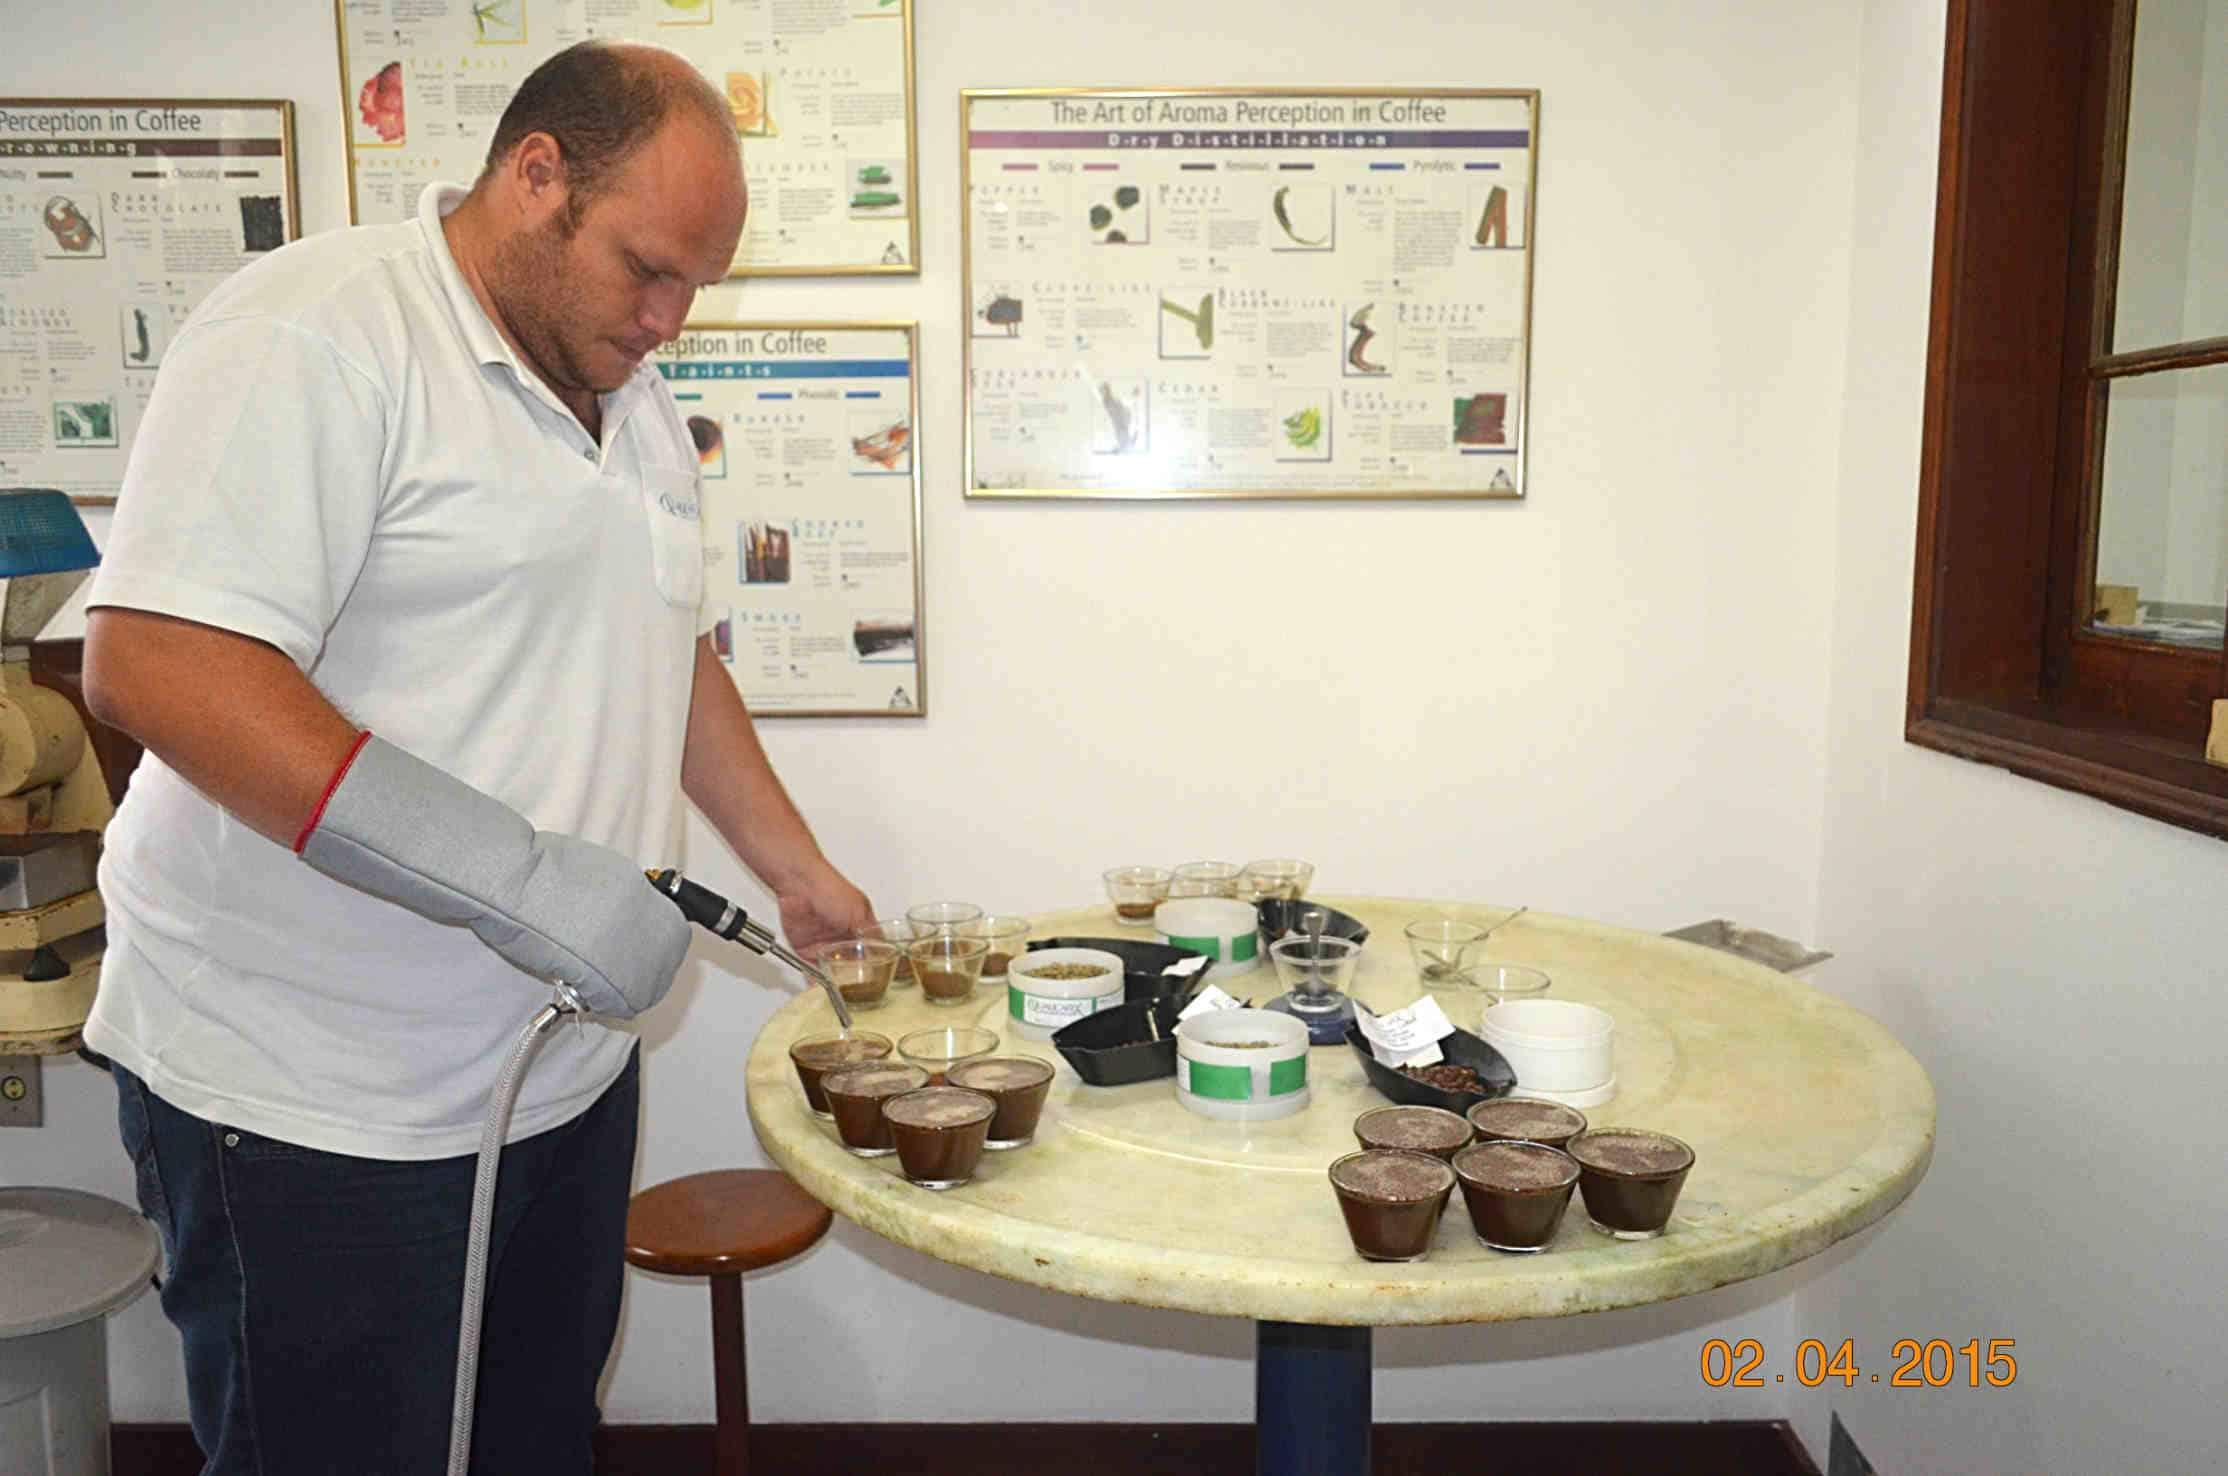 Cupping wBrazylii – Przygotowania docuppingu wfirmie Qualicafex wEspirito Santo doPinhal, gdzie nasz pracownik odbył szkolenie zzakresu gradingu icupppingu.